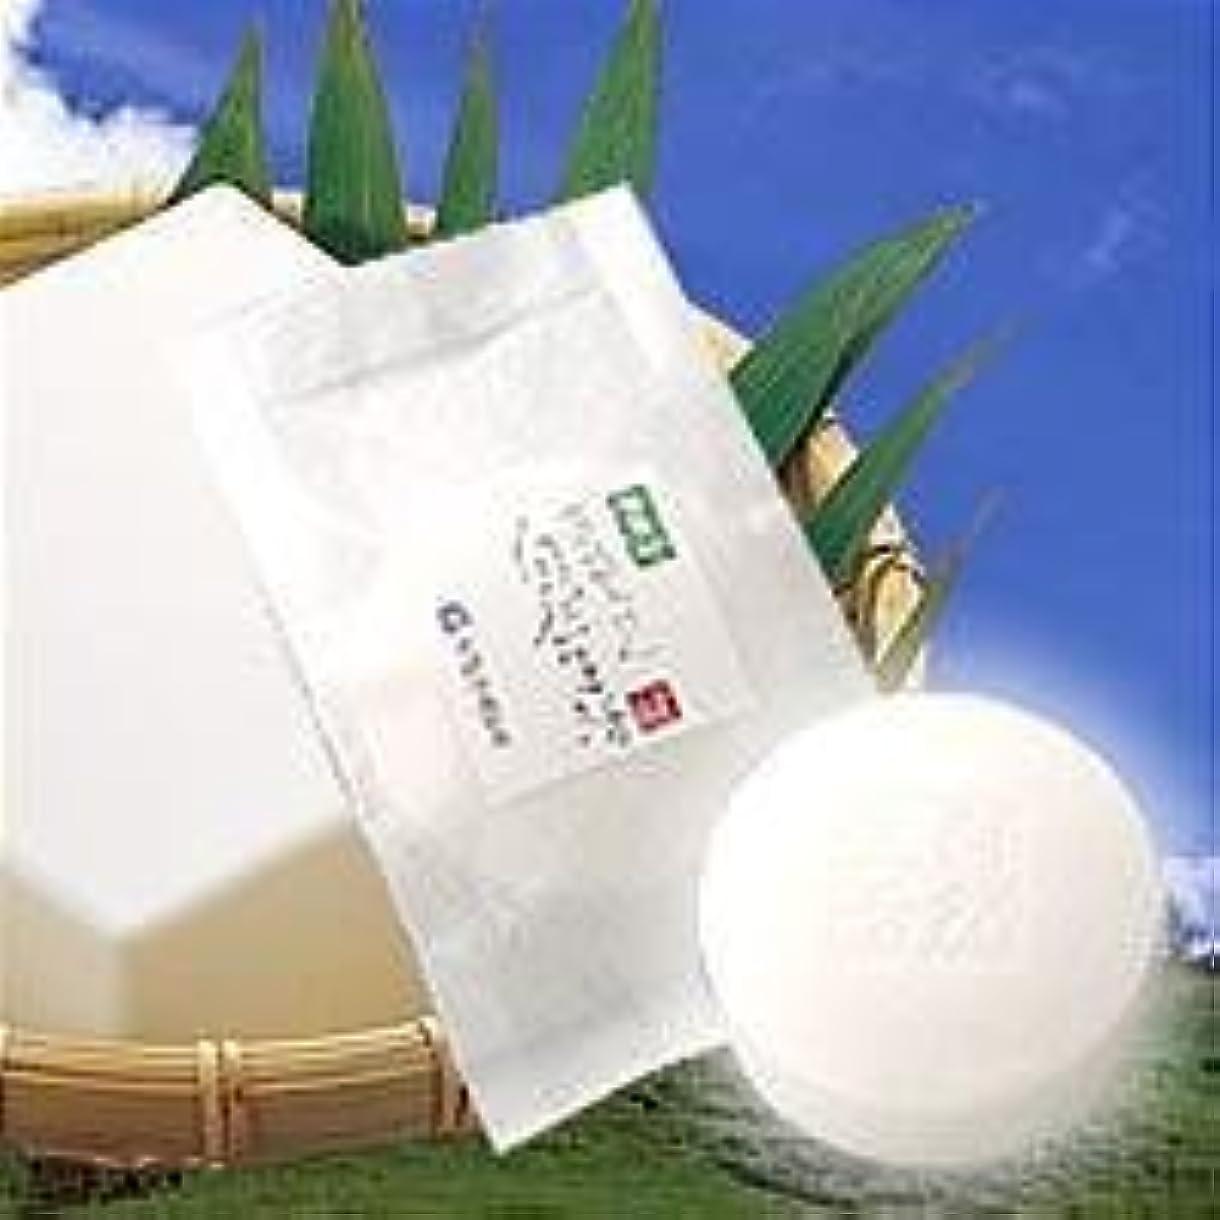 透明にブリリアントショートカット豆腐の盛田屋 豆乳せっけん 自然生活